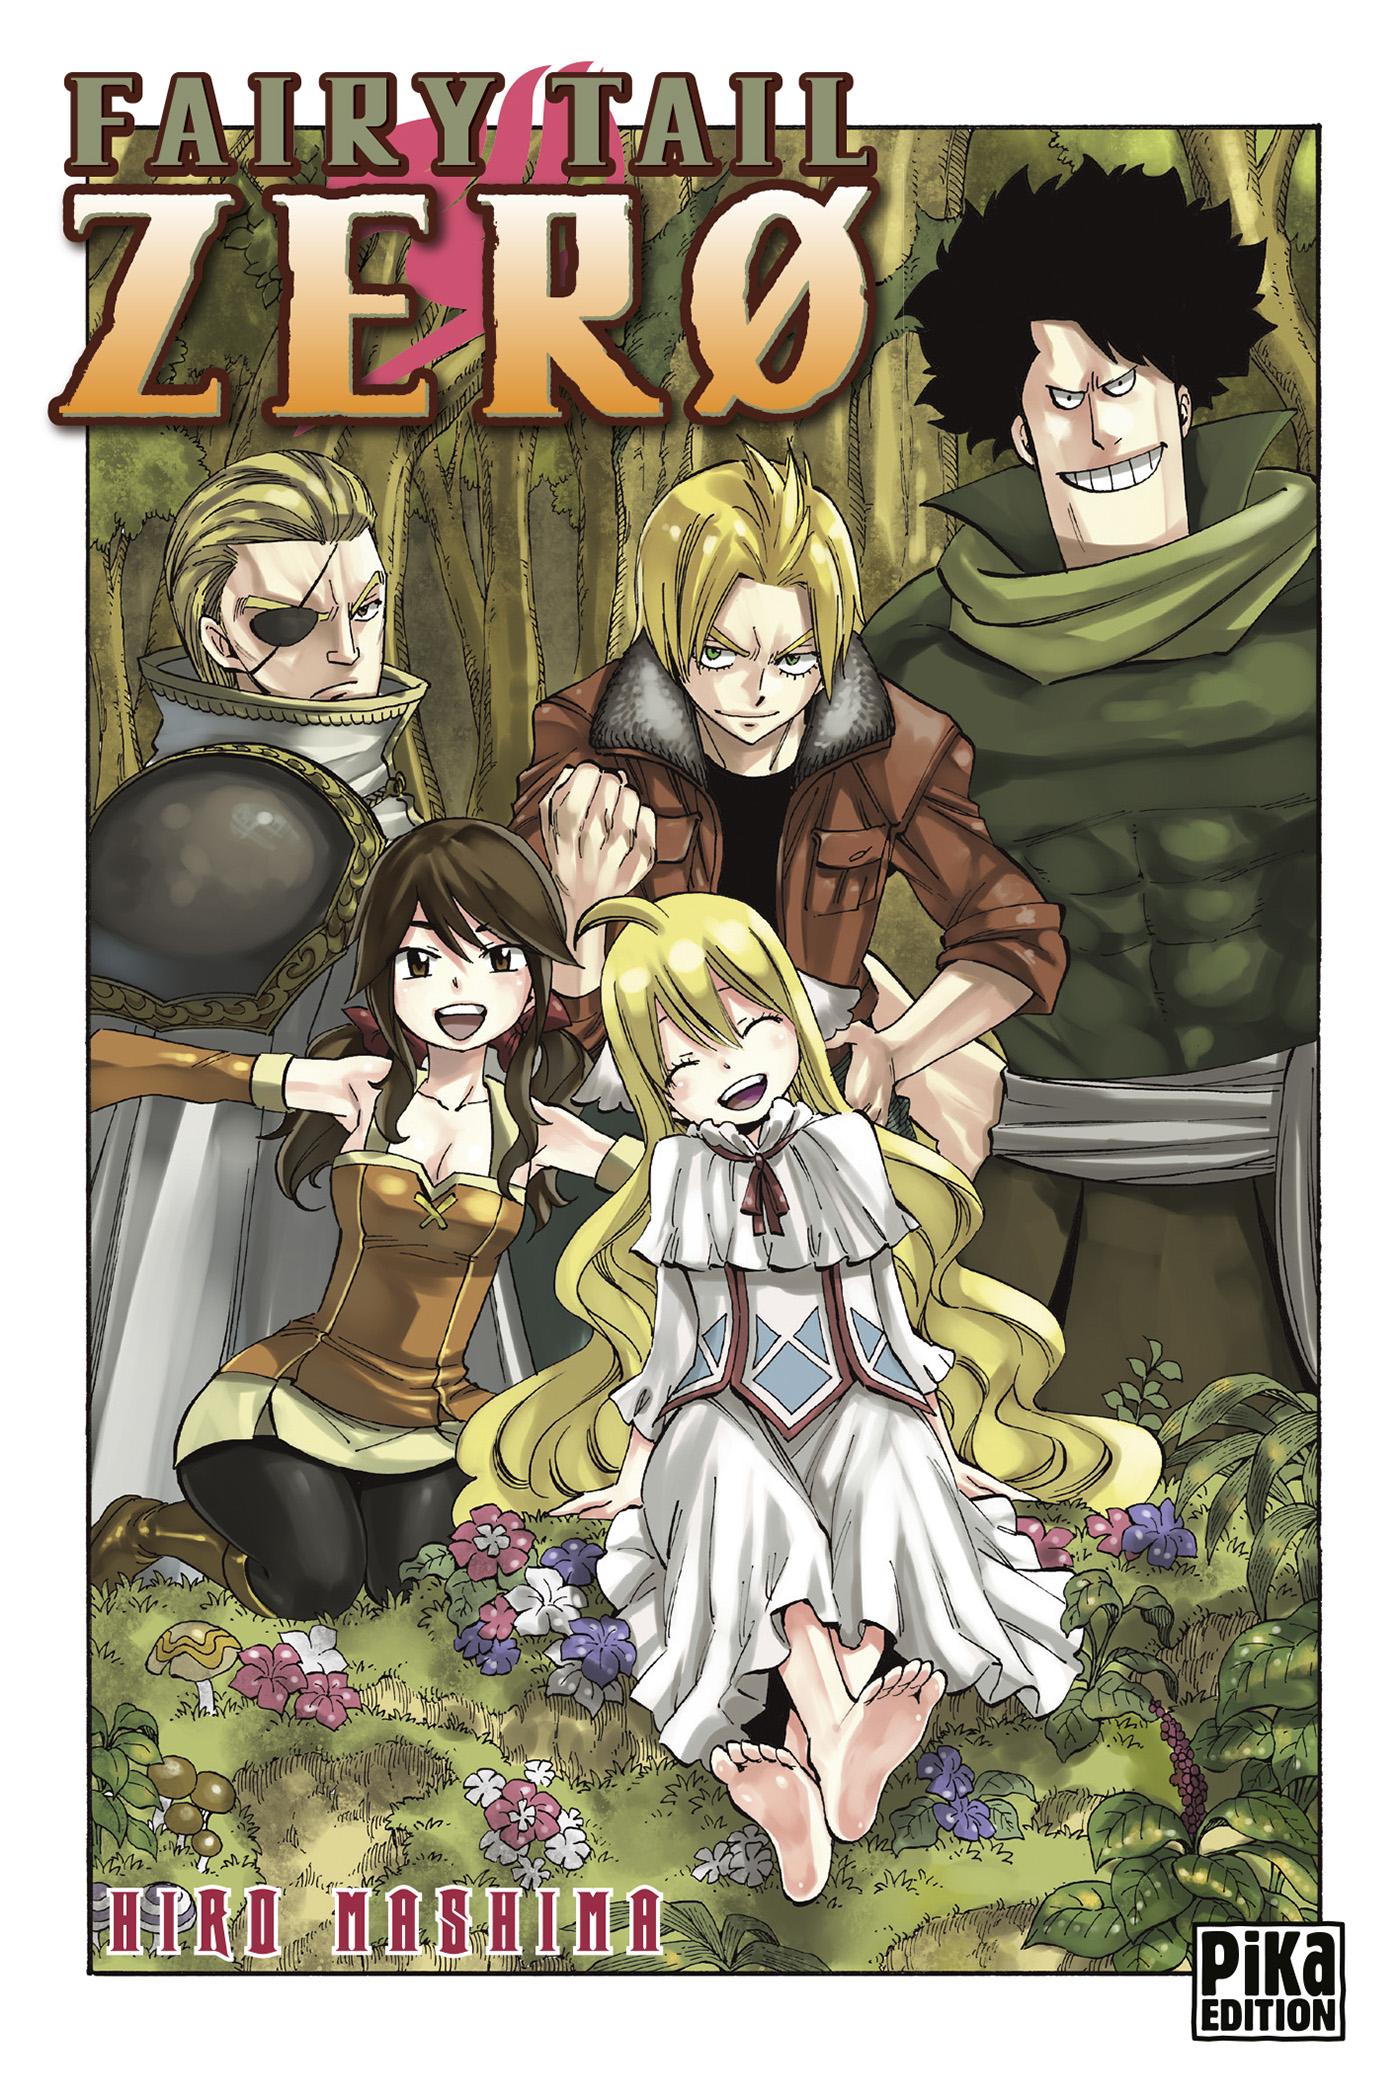 Fairy Tail Zerø 1